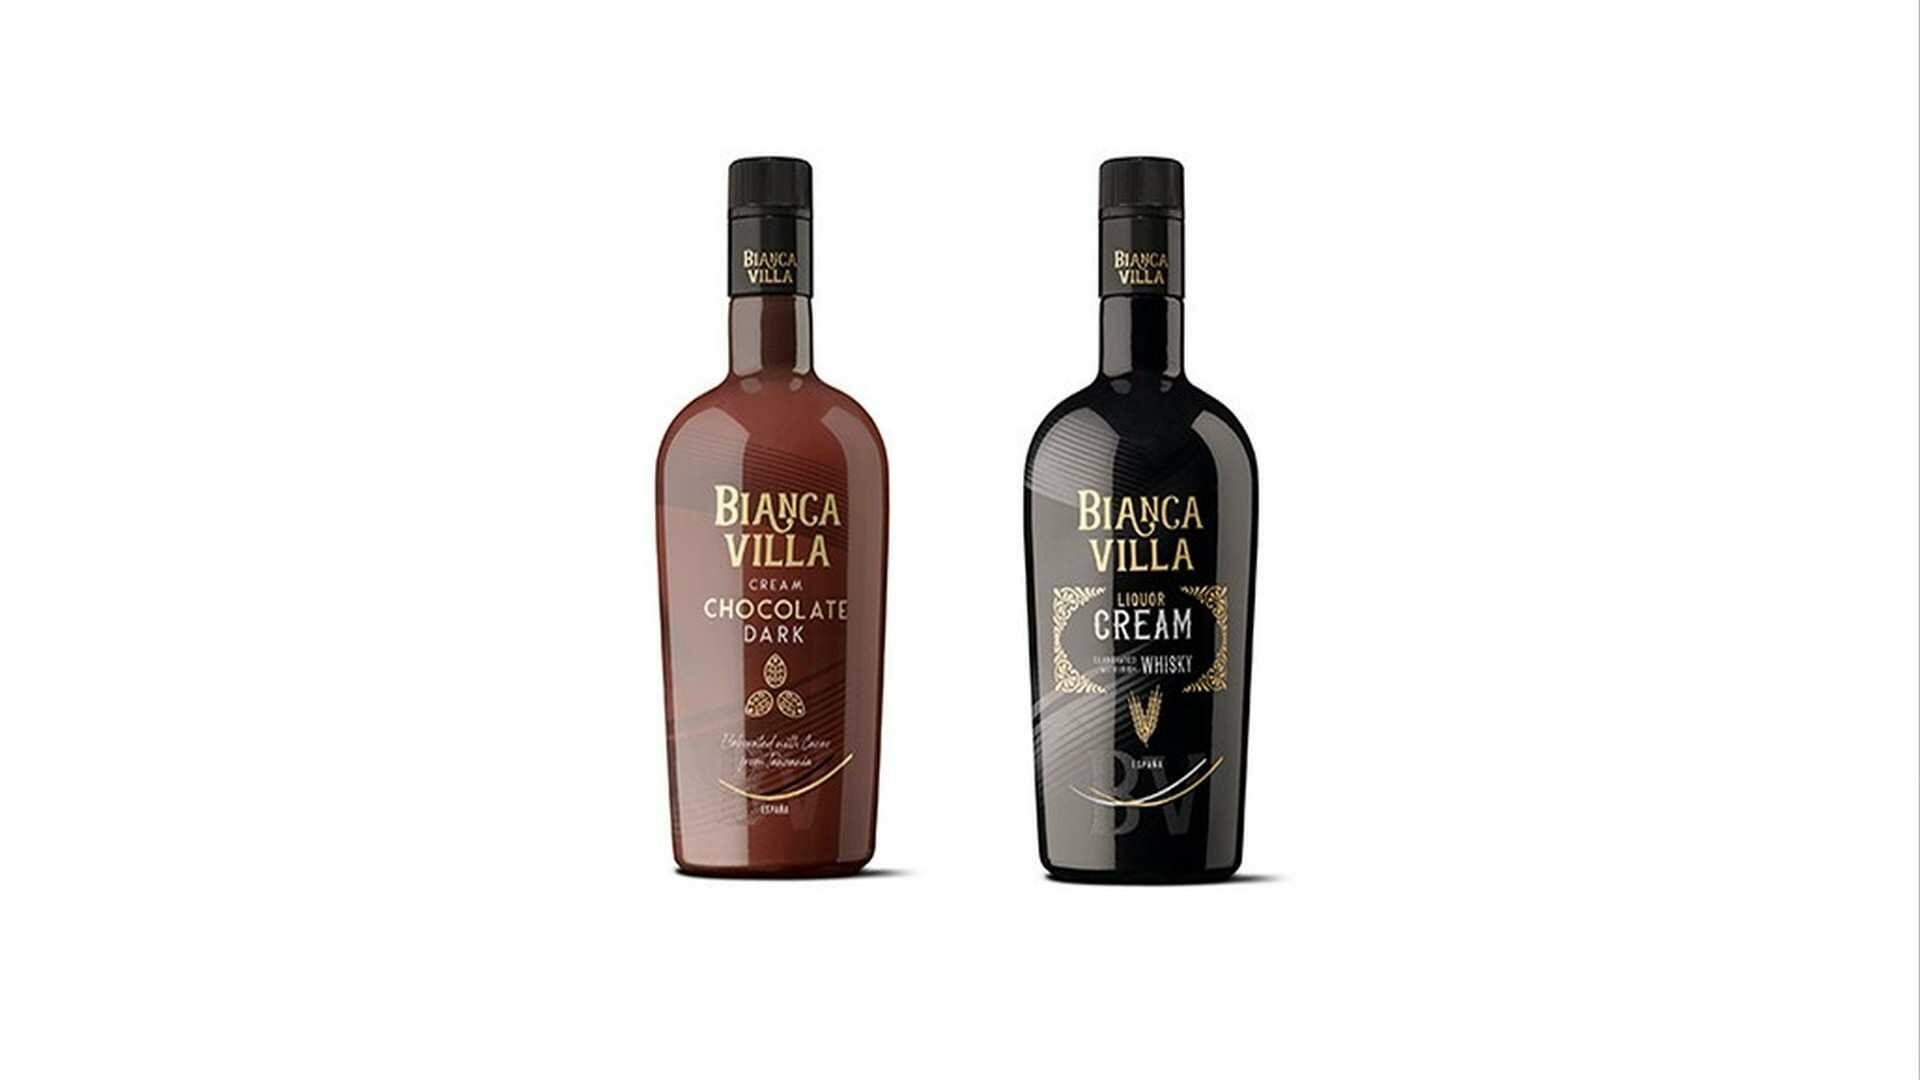 Cremas de licor de chocolate y de whisky Bianca Villa para alargar las sobremesas